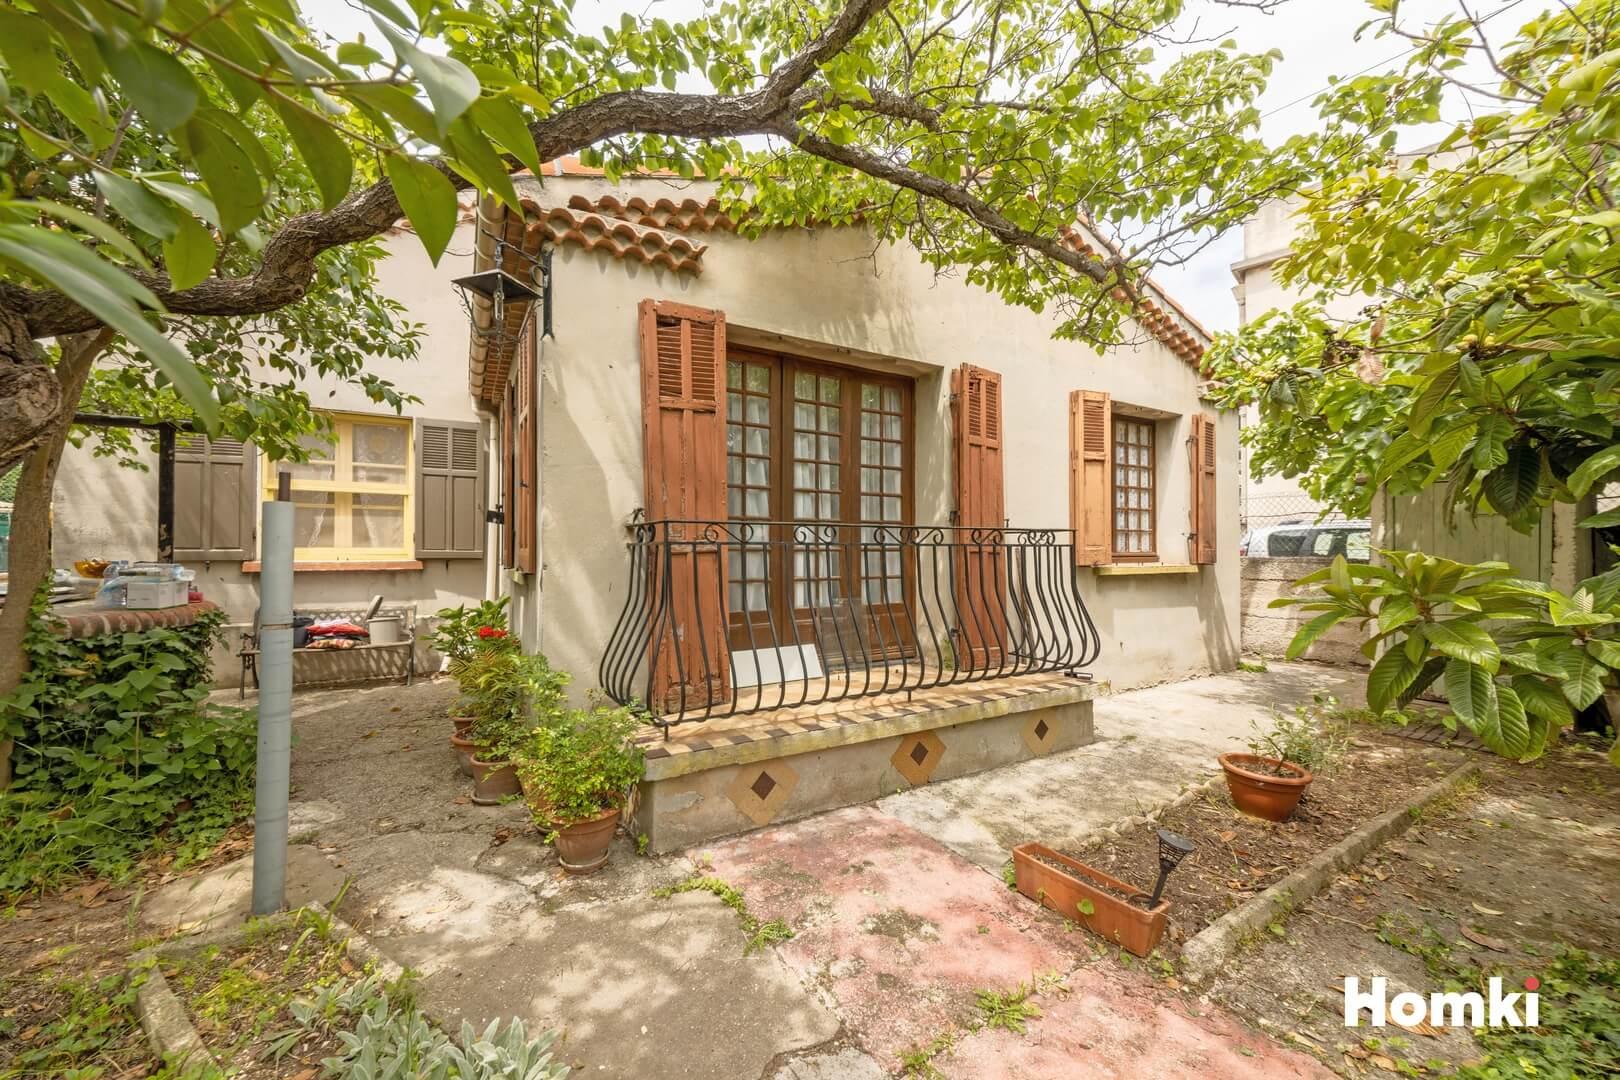 Homki - Vente Maison/villa  de 85.0 m² à Marseille 13015